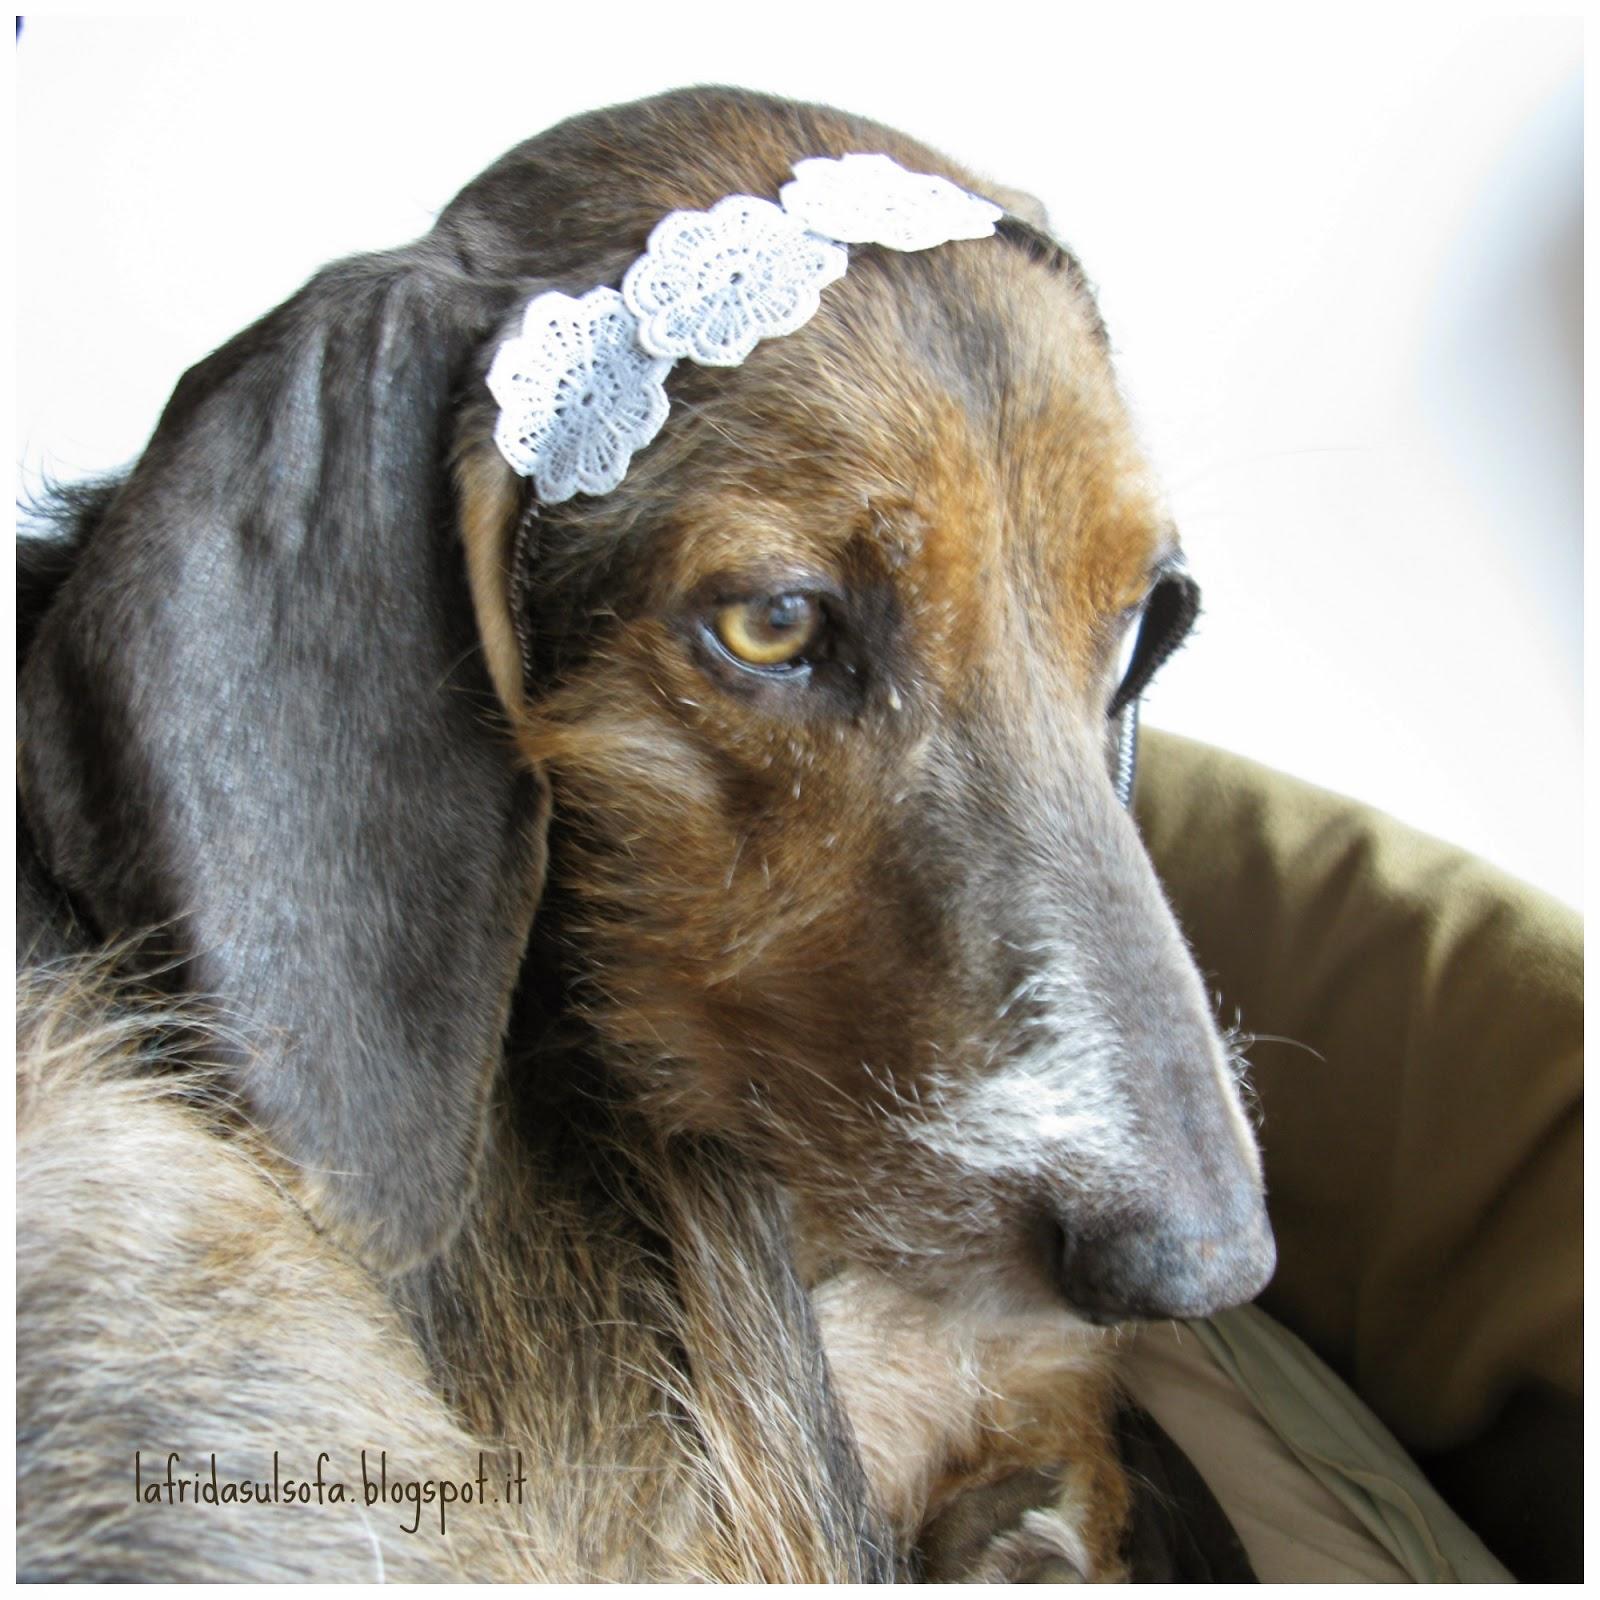 La Frida sul sofà: tutorial per nastro per capelli con fiori e ritagli di stoffa - Floral hairband tutorial